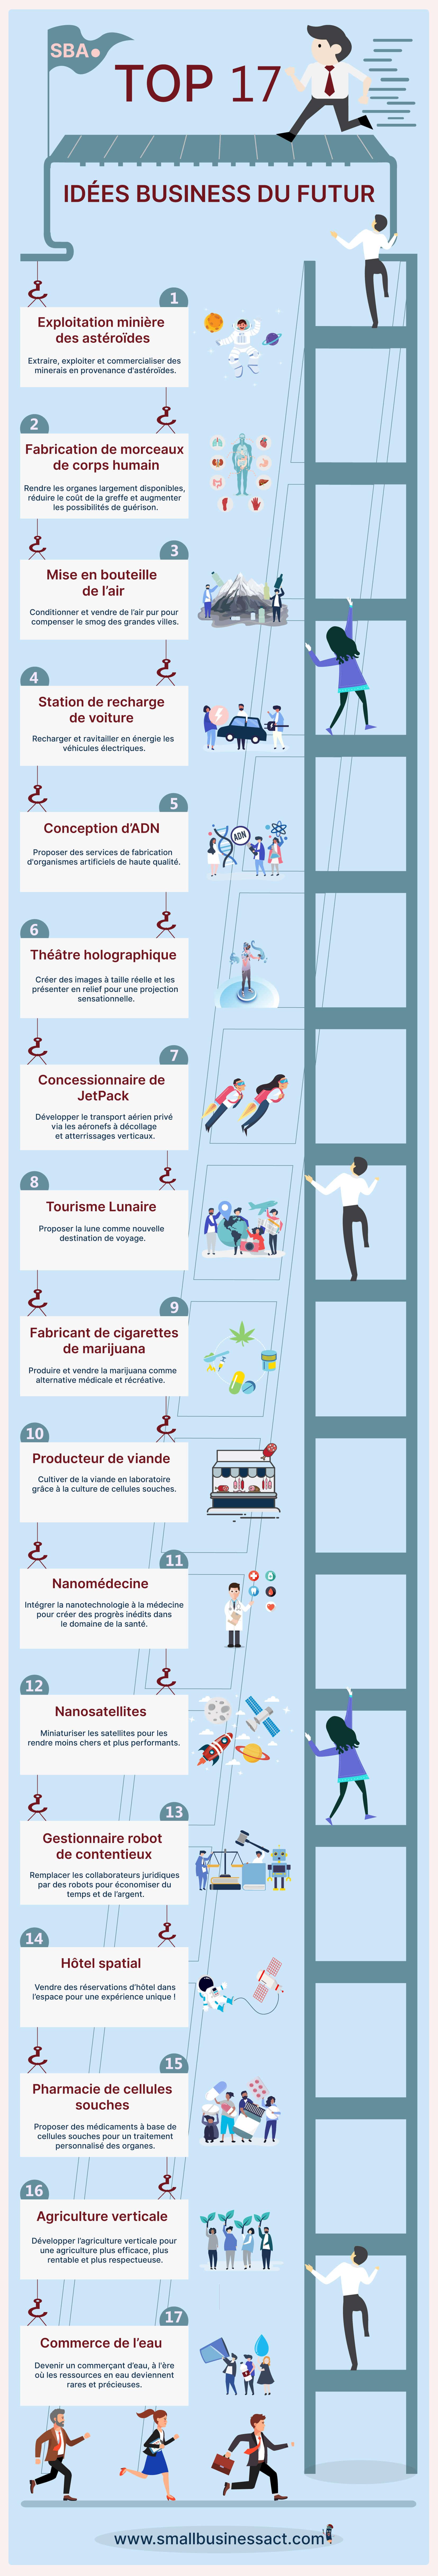 Infographie : 17 top idées d'entreprise innovante